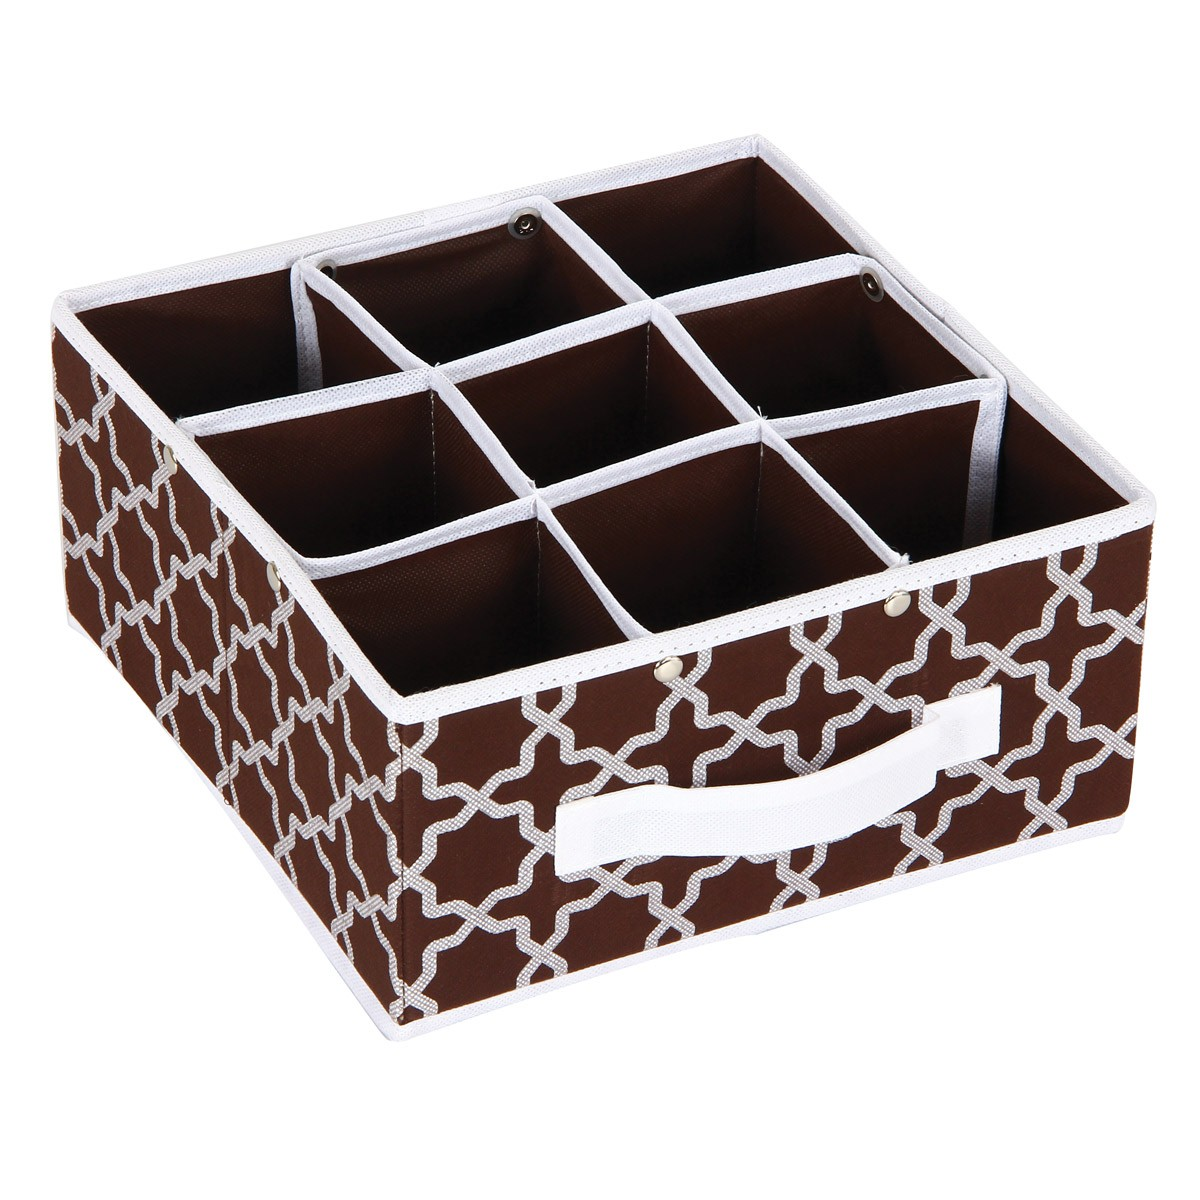 Κουτί Τακτοποίησης 9 Θέσεων εstia 03-4903 Brown home   κρεβατοκάμαρα   οργάνωση ντουλάπας